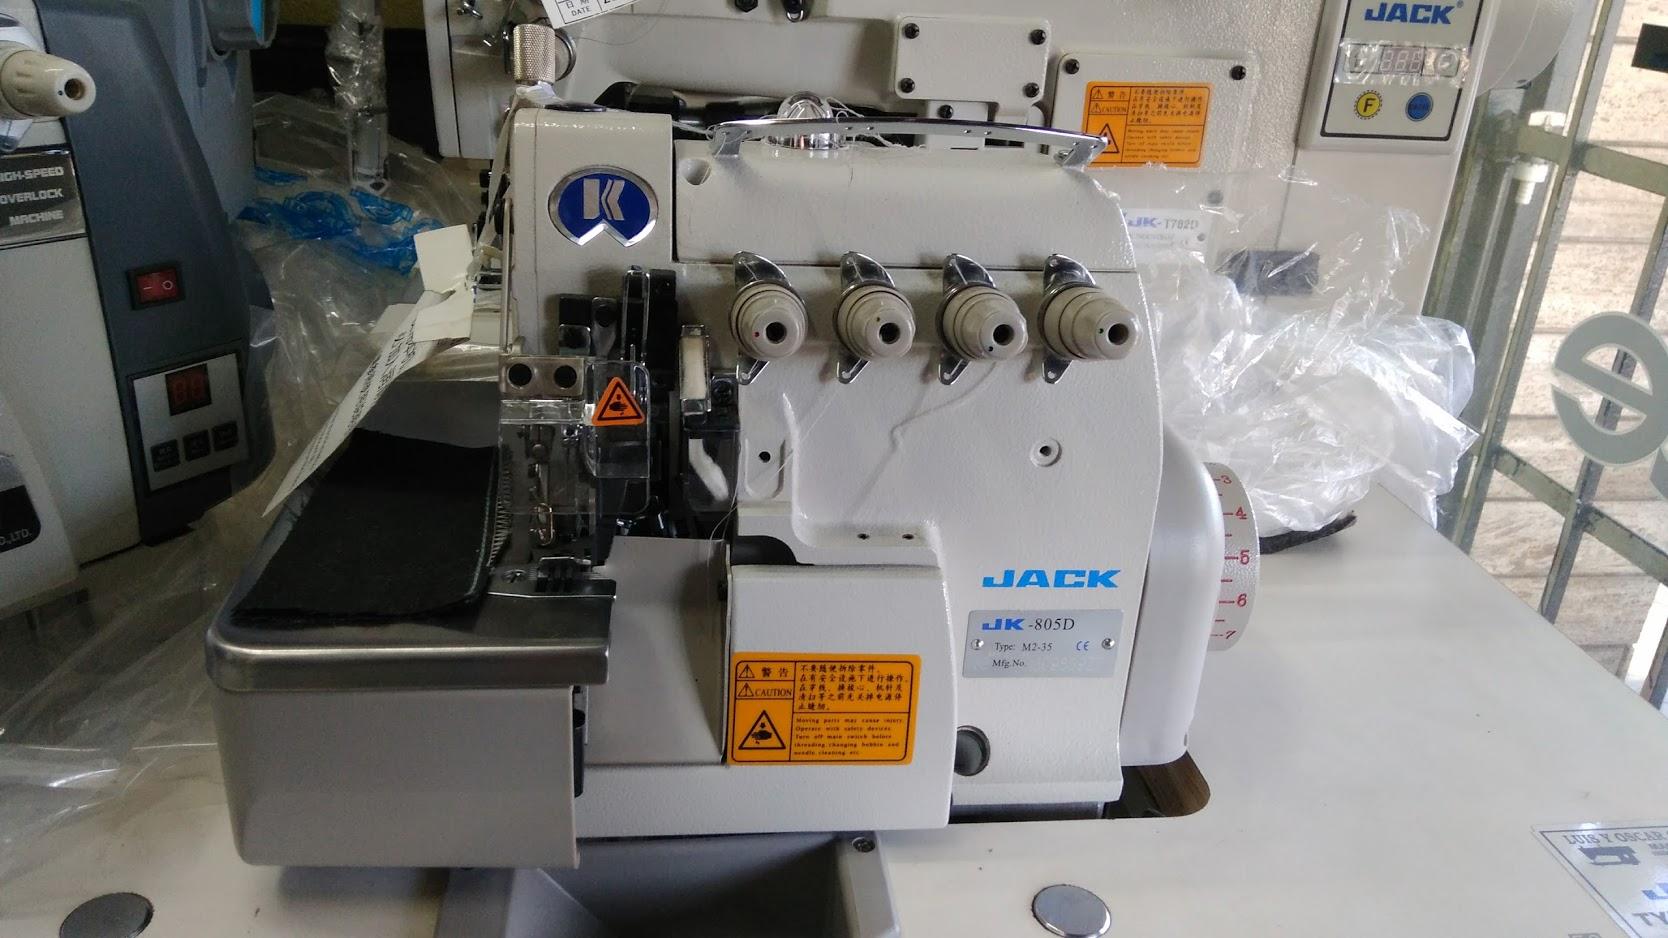 jk-805D-M2-35